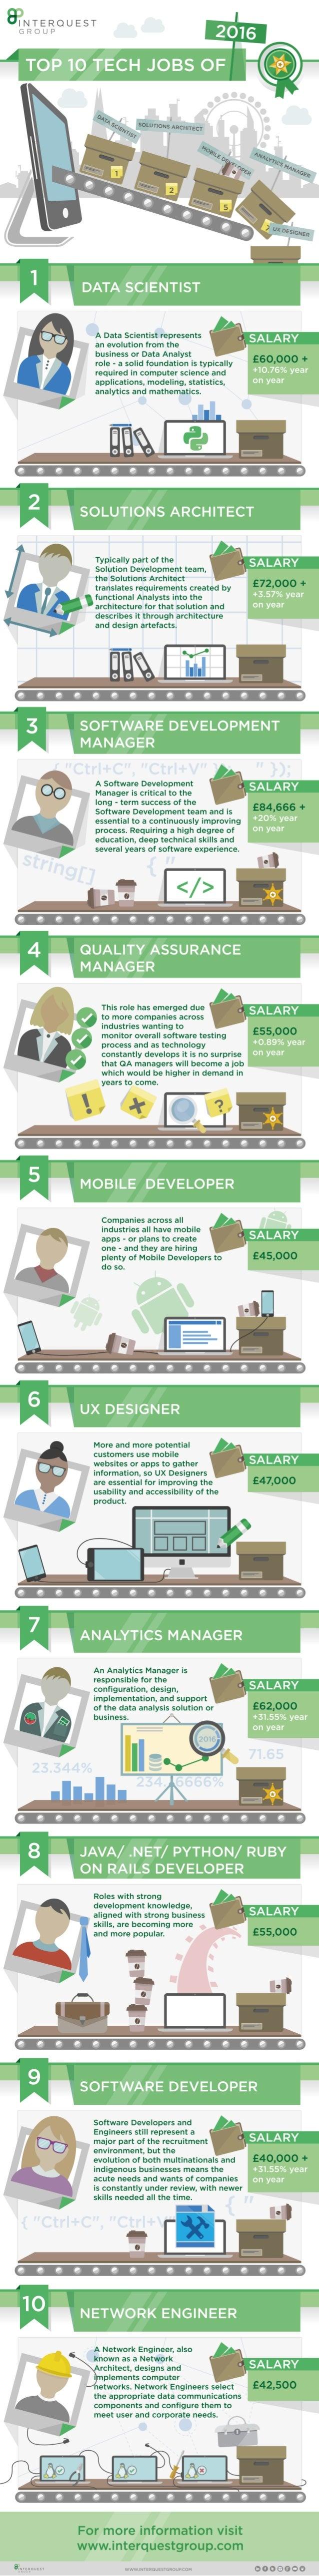 Top 10 Tech Jobs for 2016